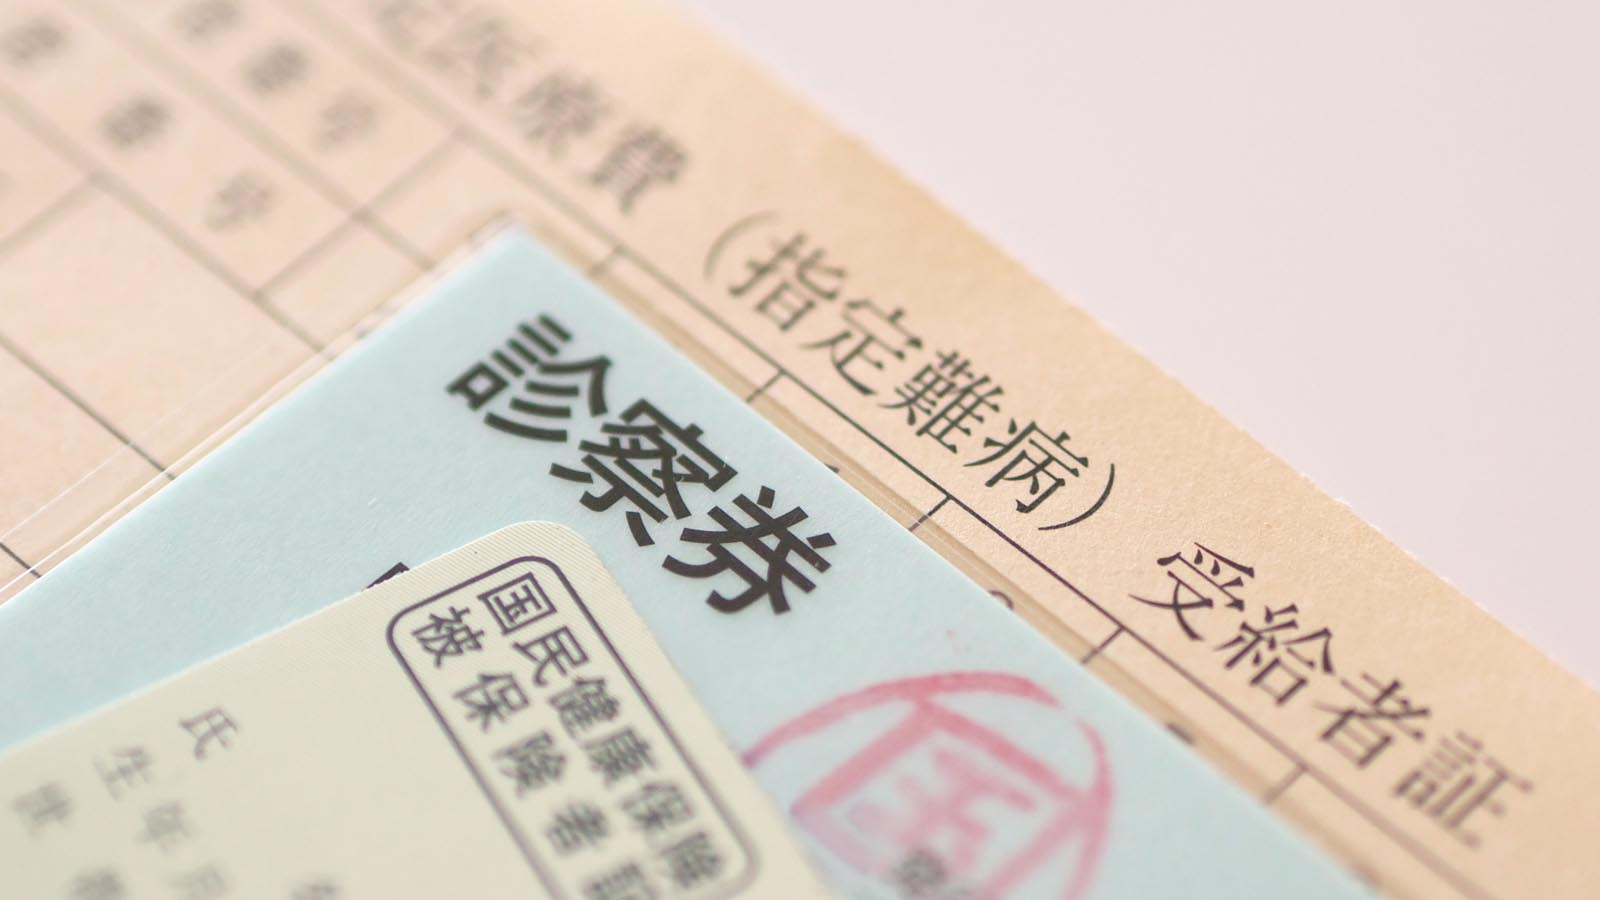 書類のイメージ